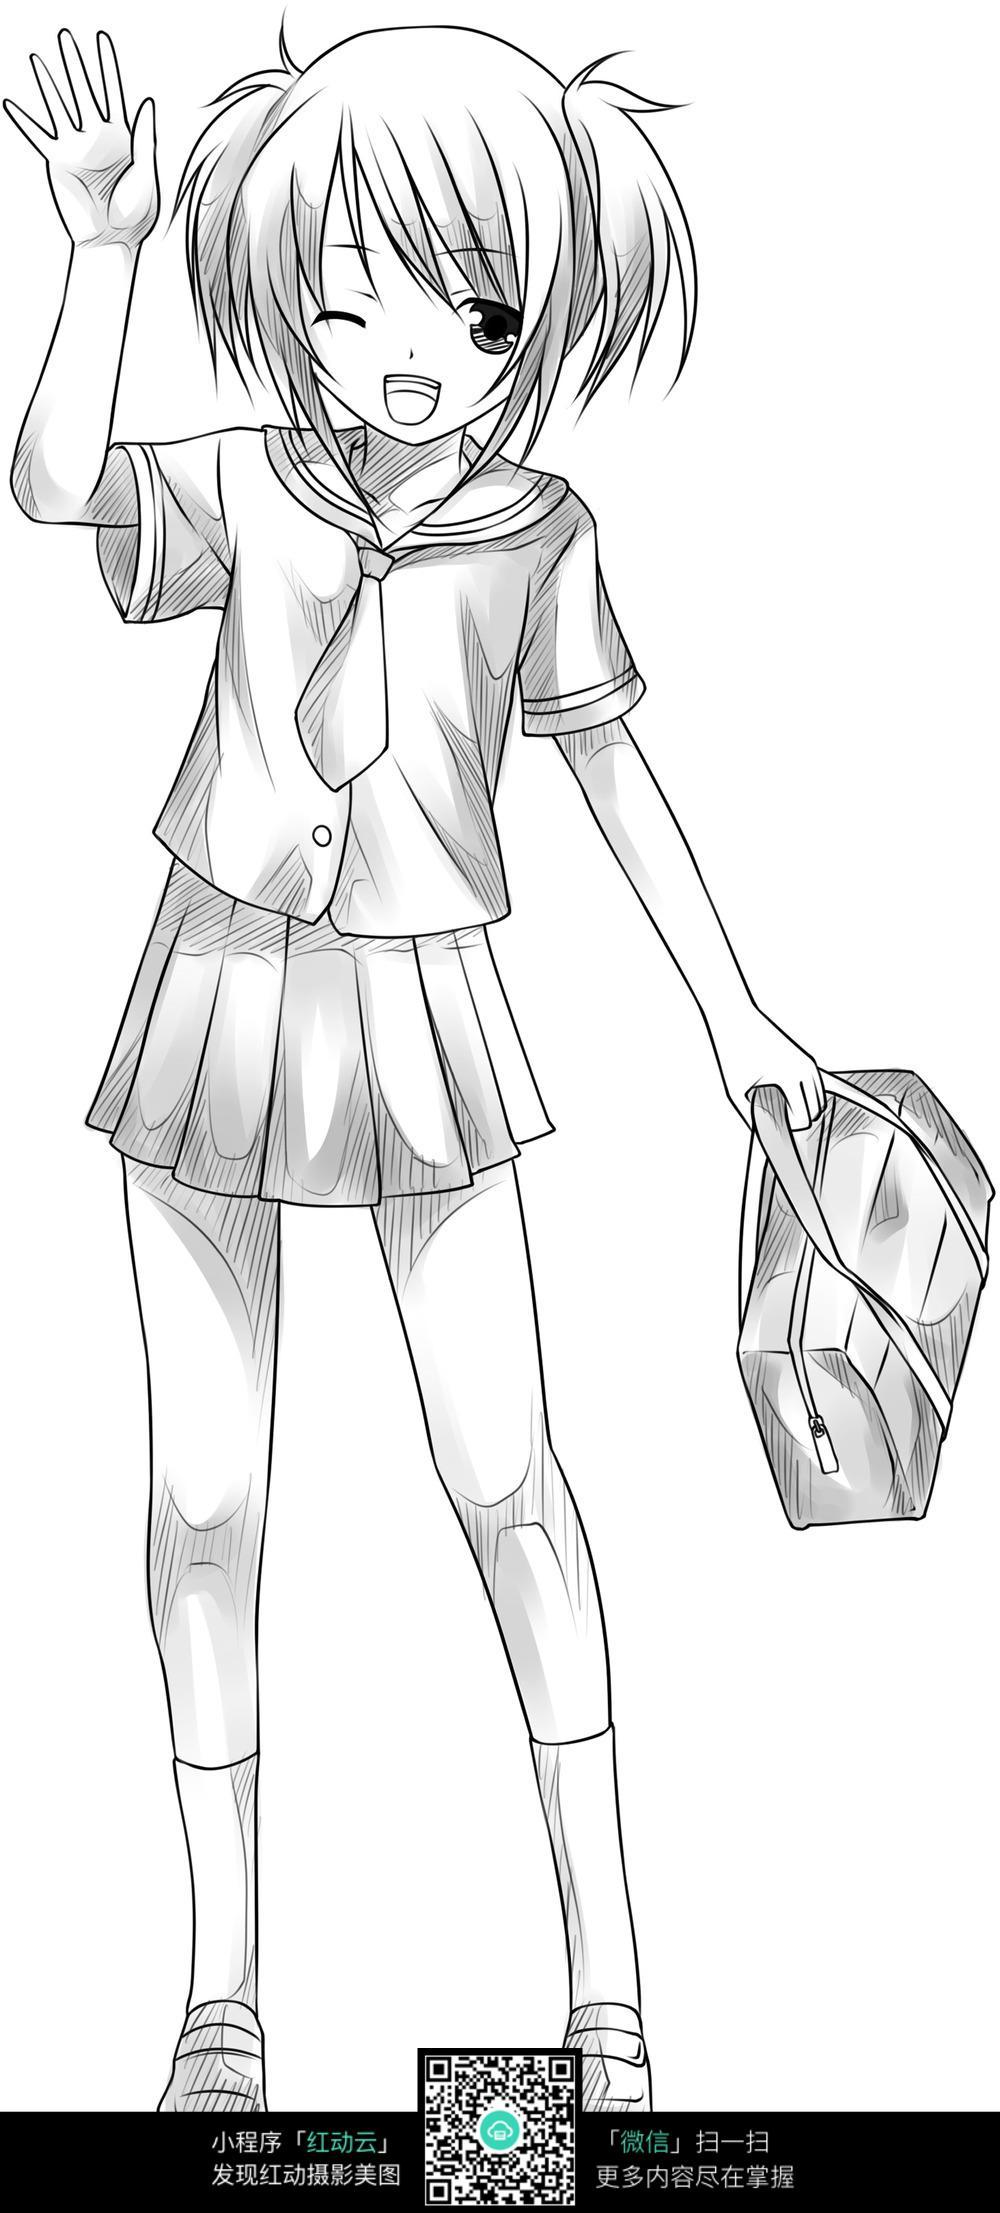 招手的女孩卡通手绘线稿_人物卡通图片